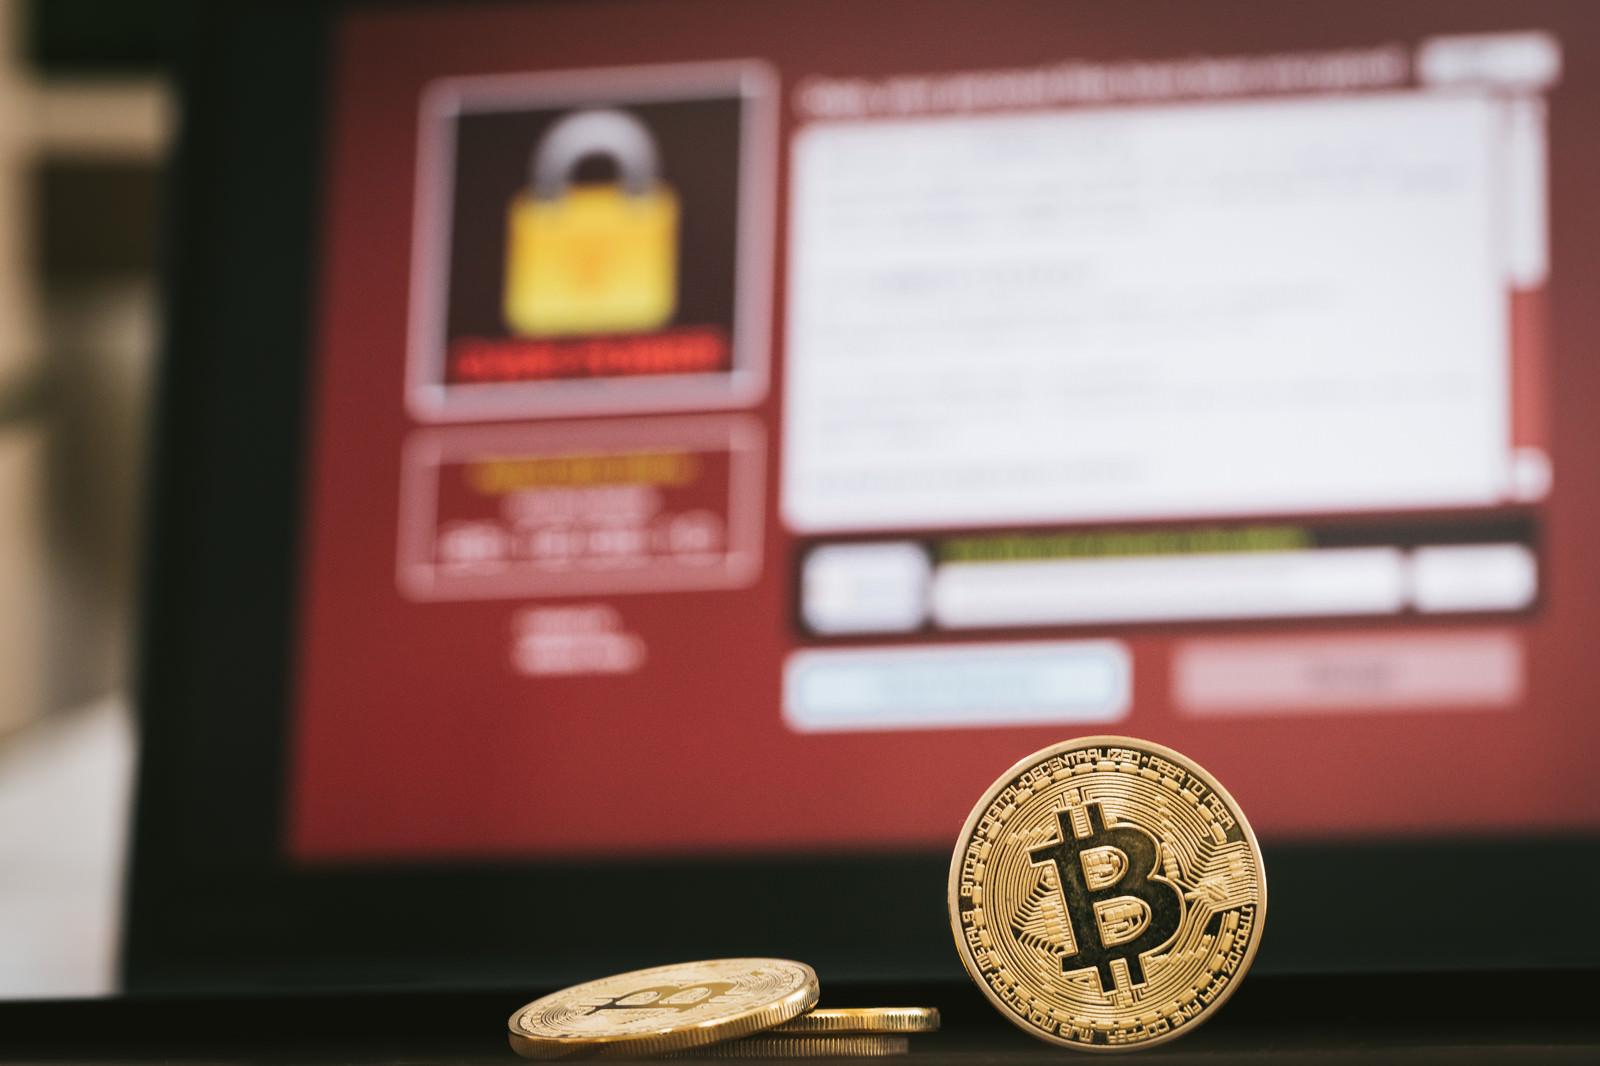 「ランサムウェアでBitcoinを要求ランサムウェアでBitcoinを要求」のフリー写真素材を拡大